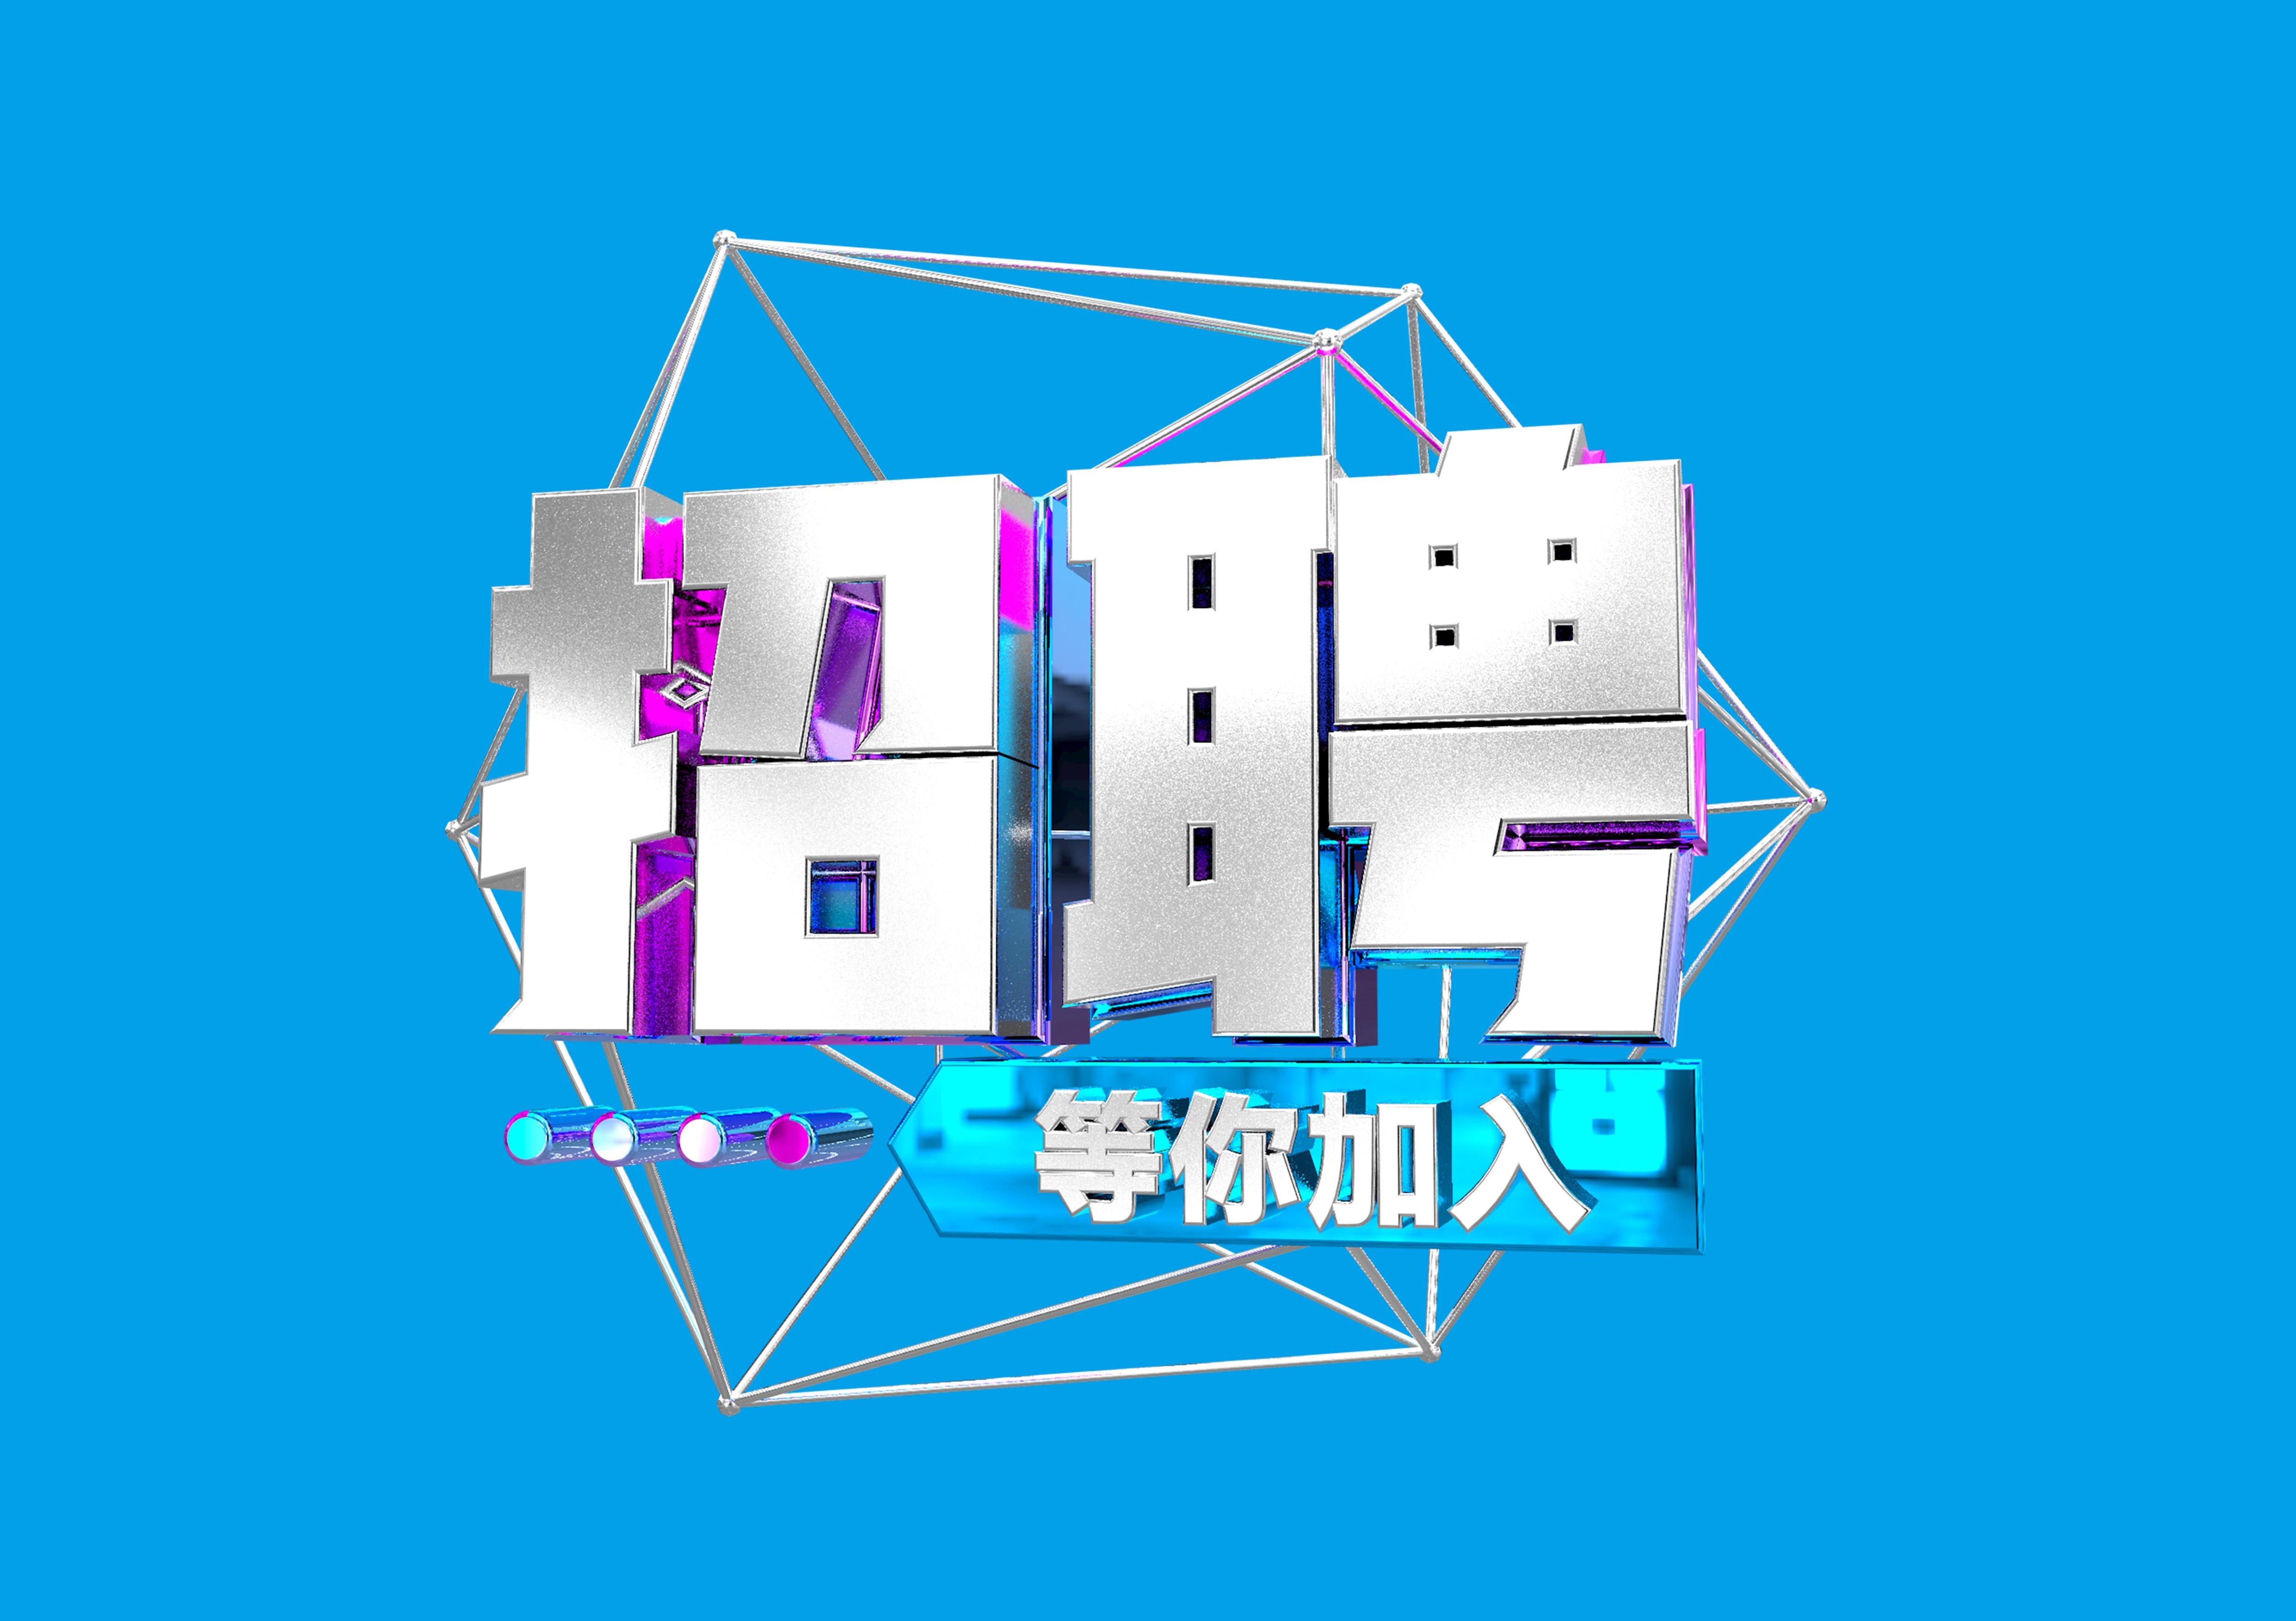 【冬天很暖】天津有一场大型人才现场招聘会!